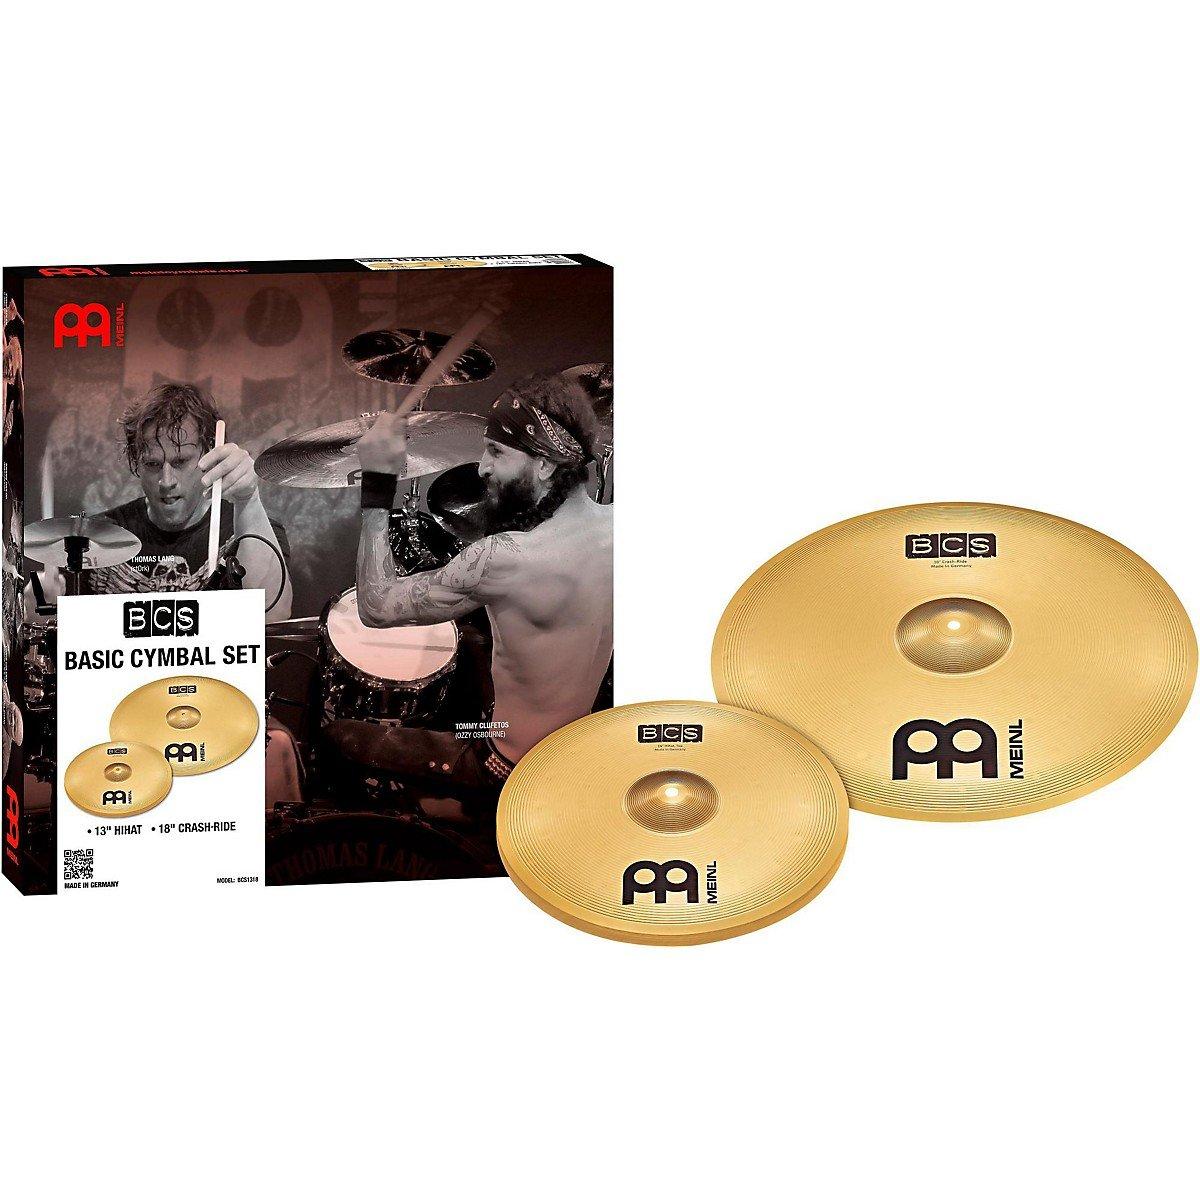 Meinl Cymbals BCS 2-piece Cymbal Box Set - 13'' Hi-hats, 18'' Crash/Ride